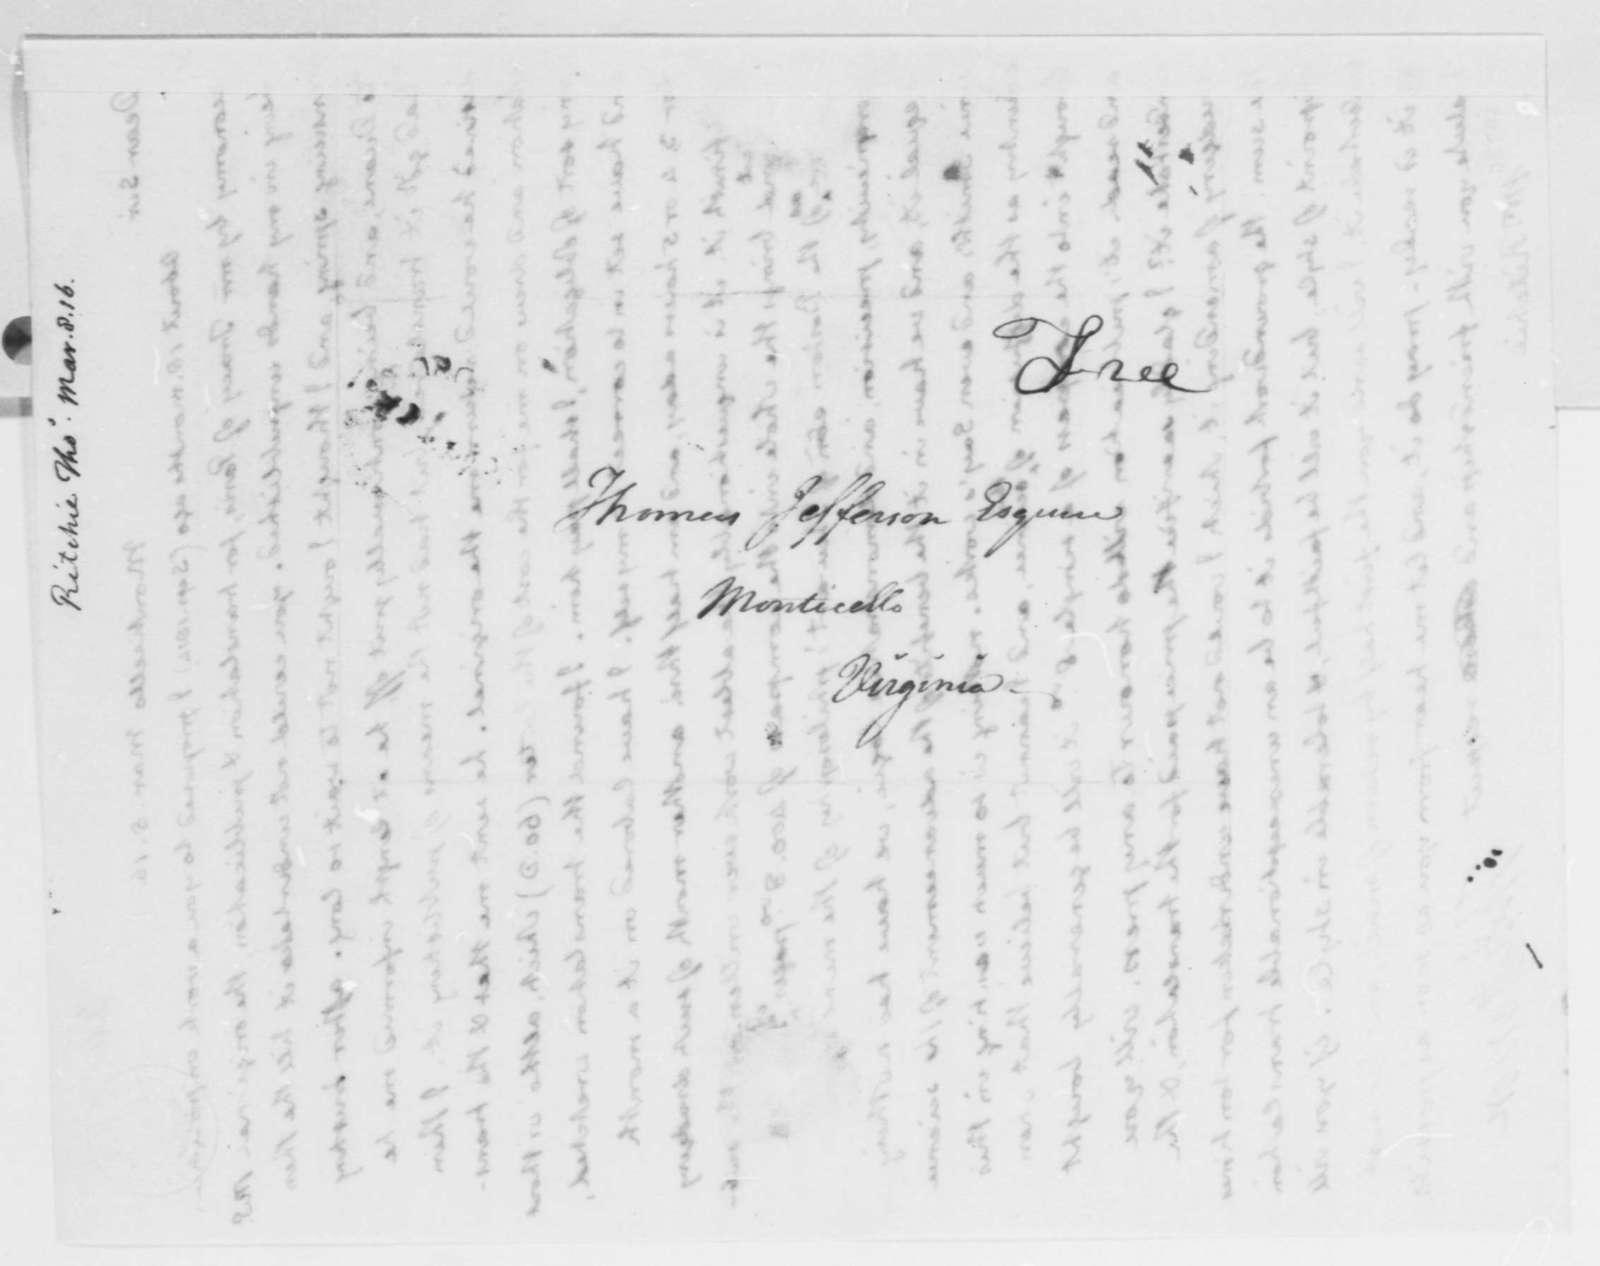 Thomas Jefferson to Thomas Ritchie, March 8, 1816